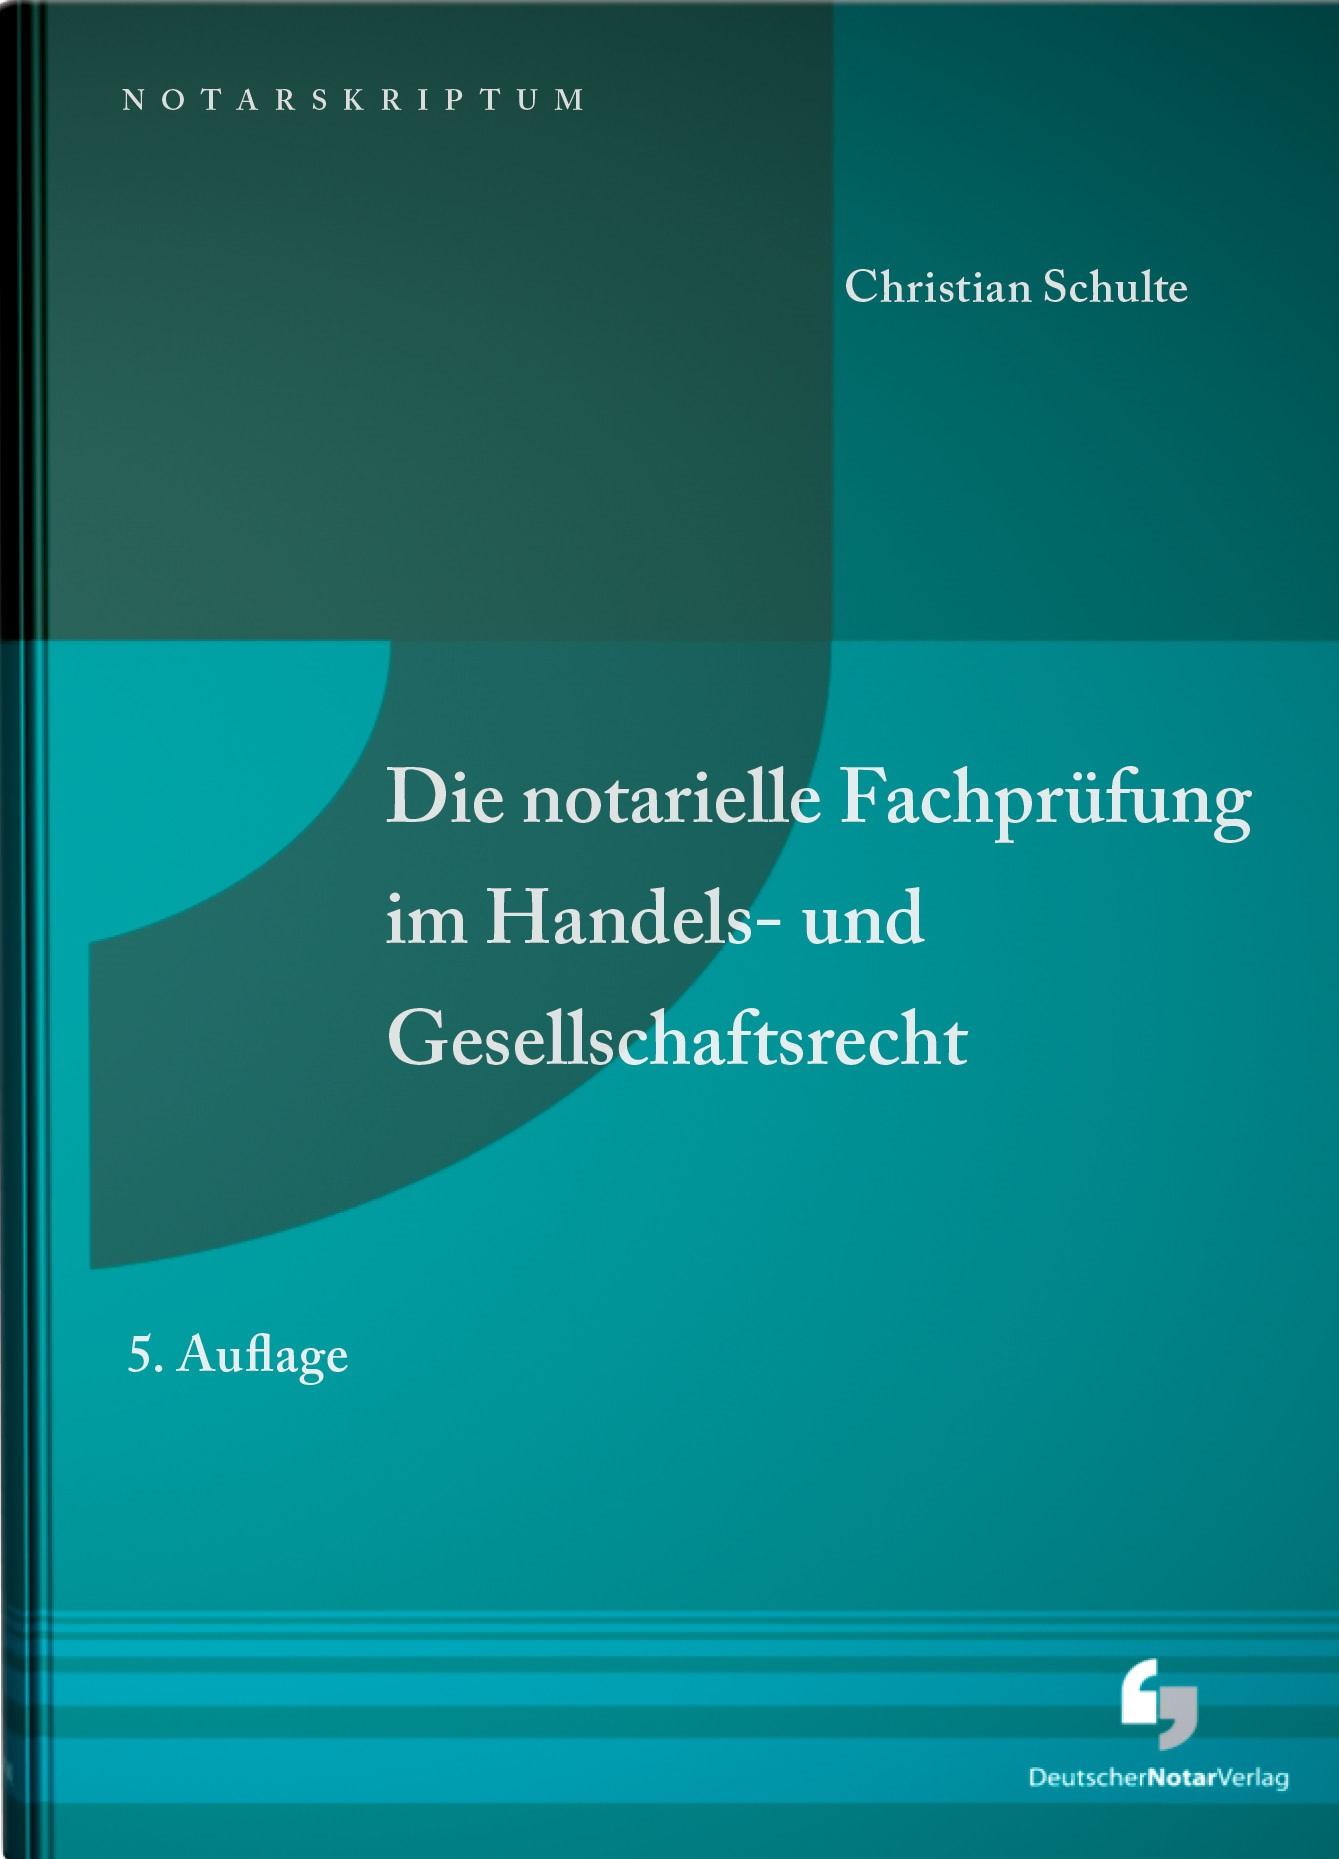 Die notarielle Fachprüfung im Handels- und Gesellschaftsrecht | Schulte | 5. Auflage, 2016 | Buch (Cover)